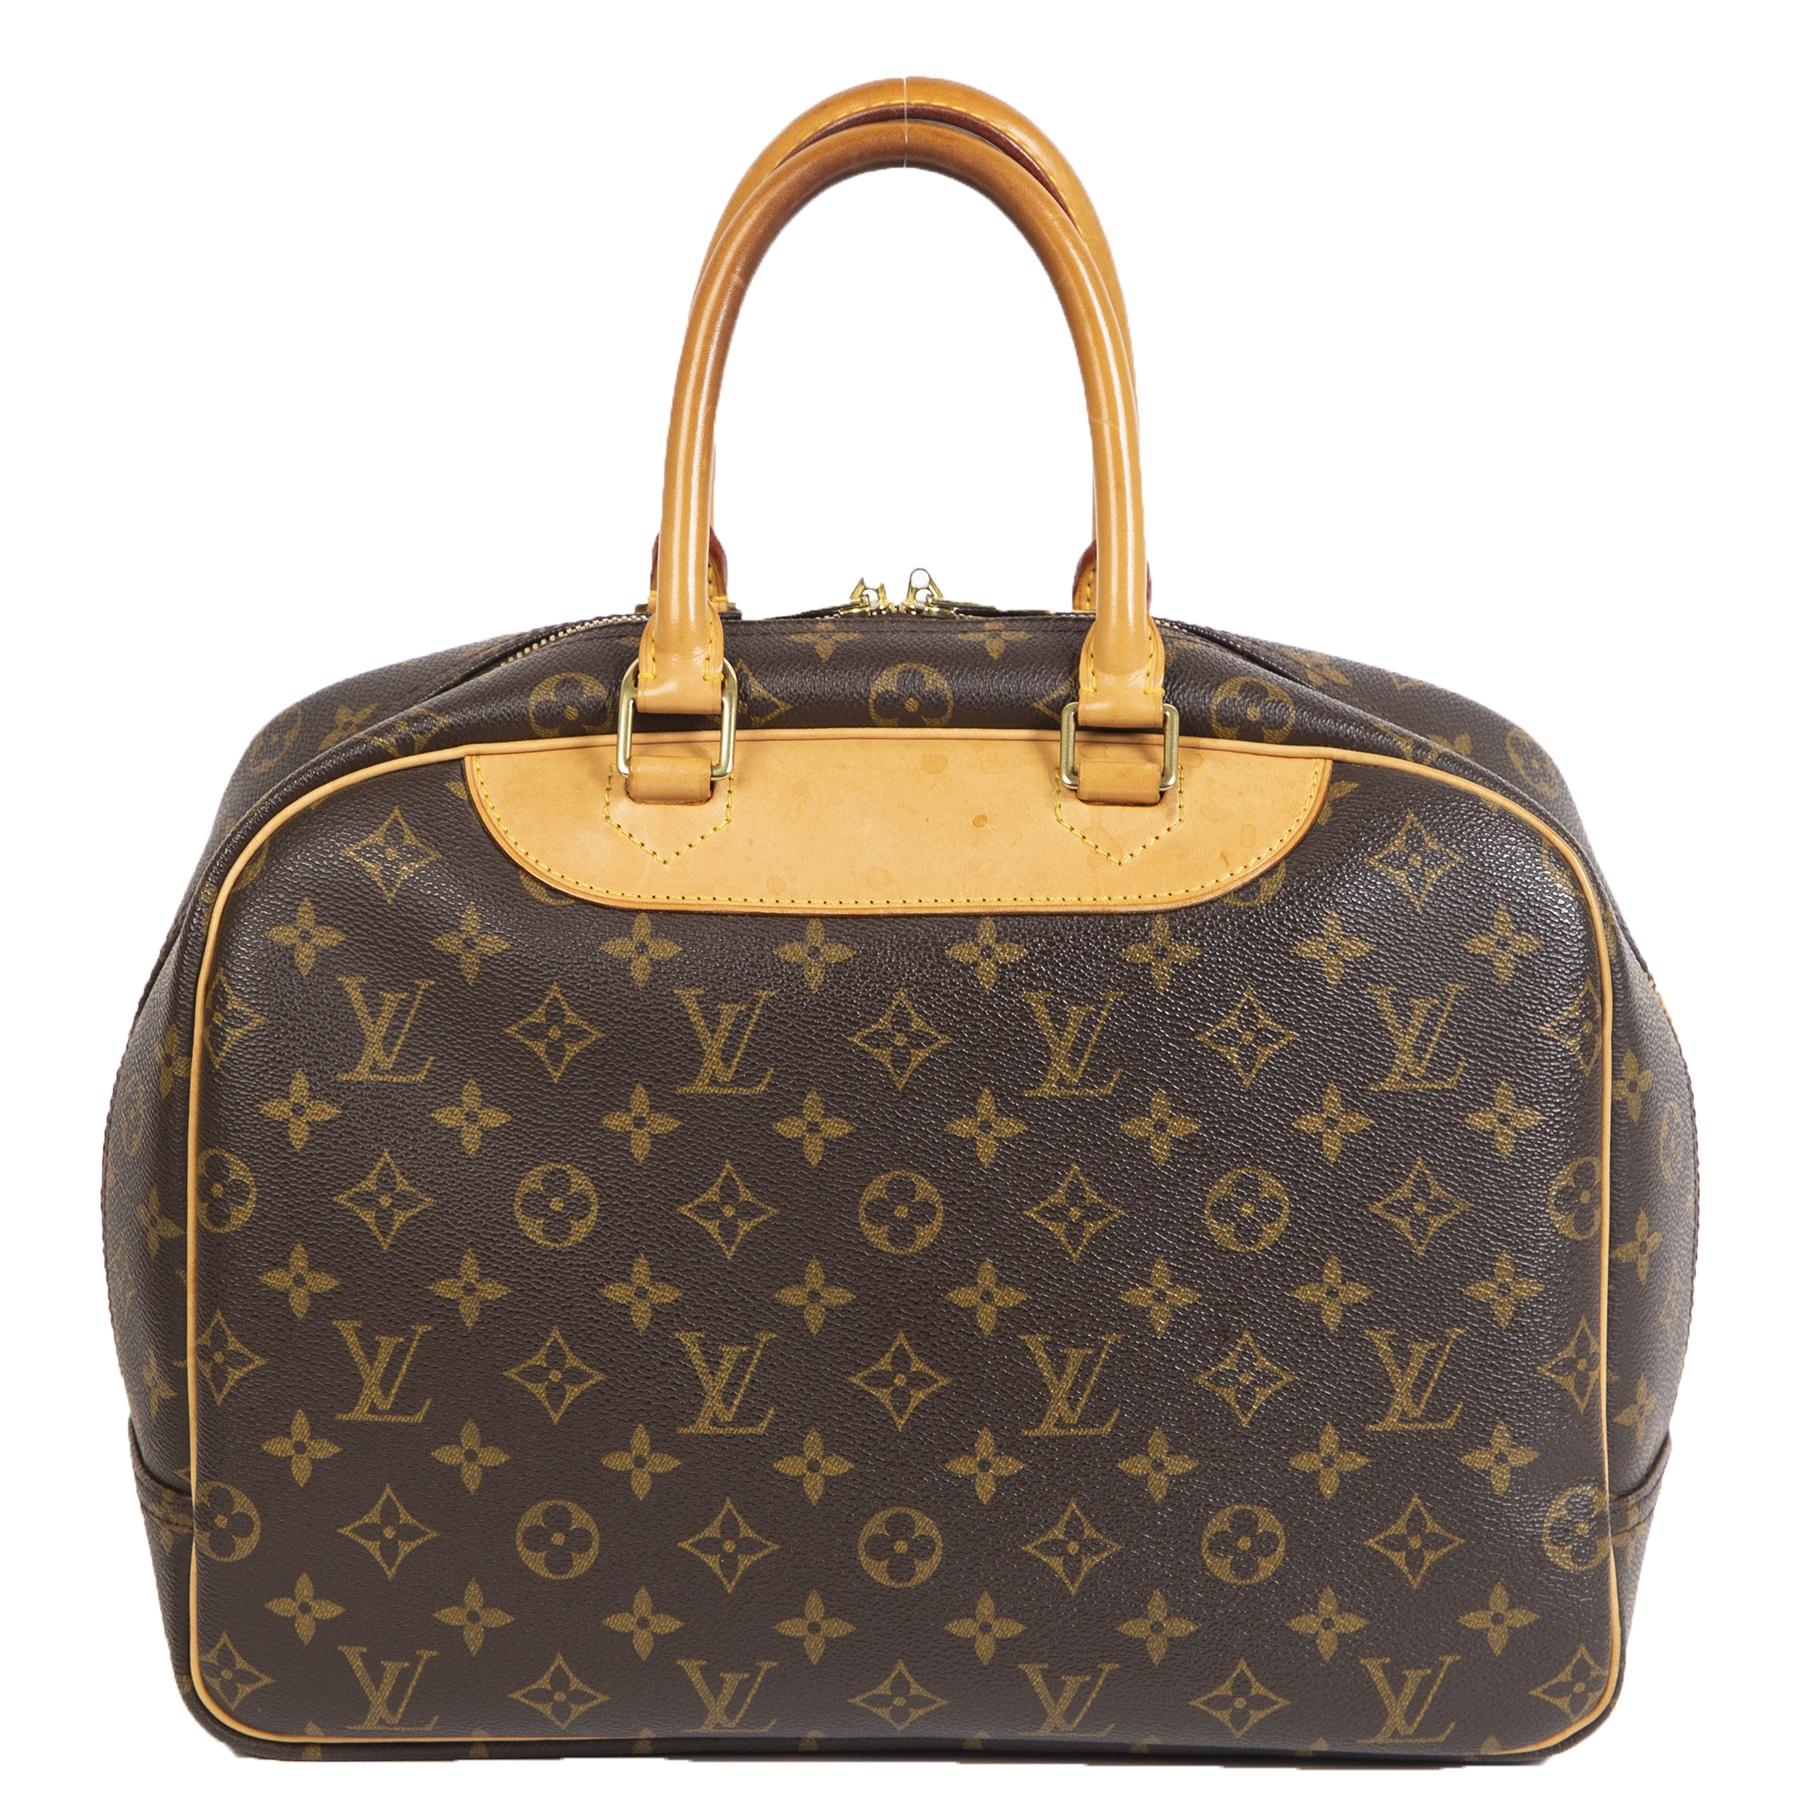 Louis Vuitton Monogram Canvas Deauville Bag kopen en verkopen aan de beste prijs